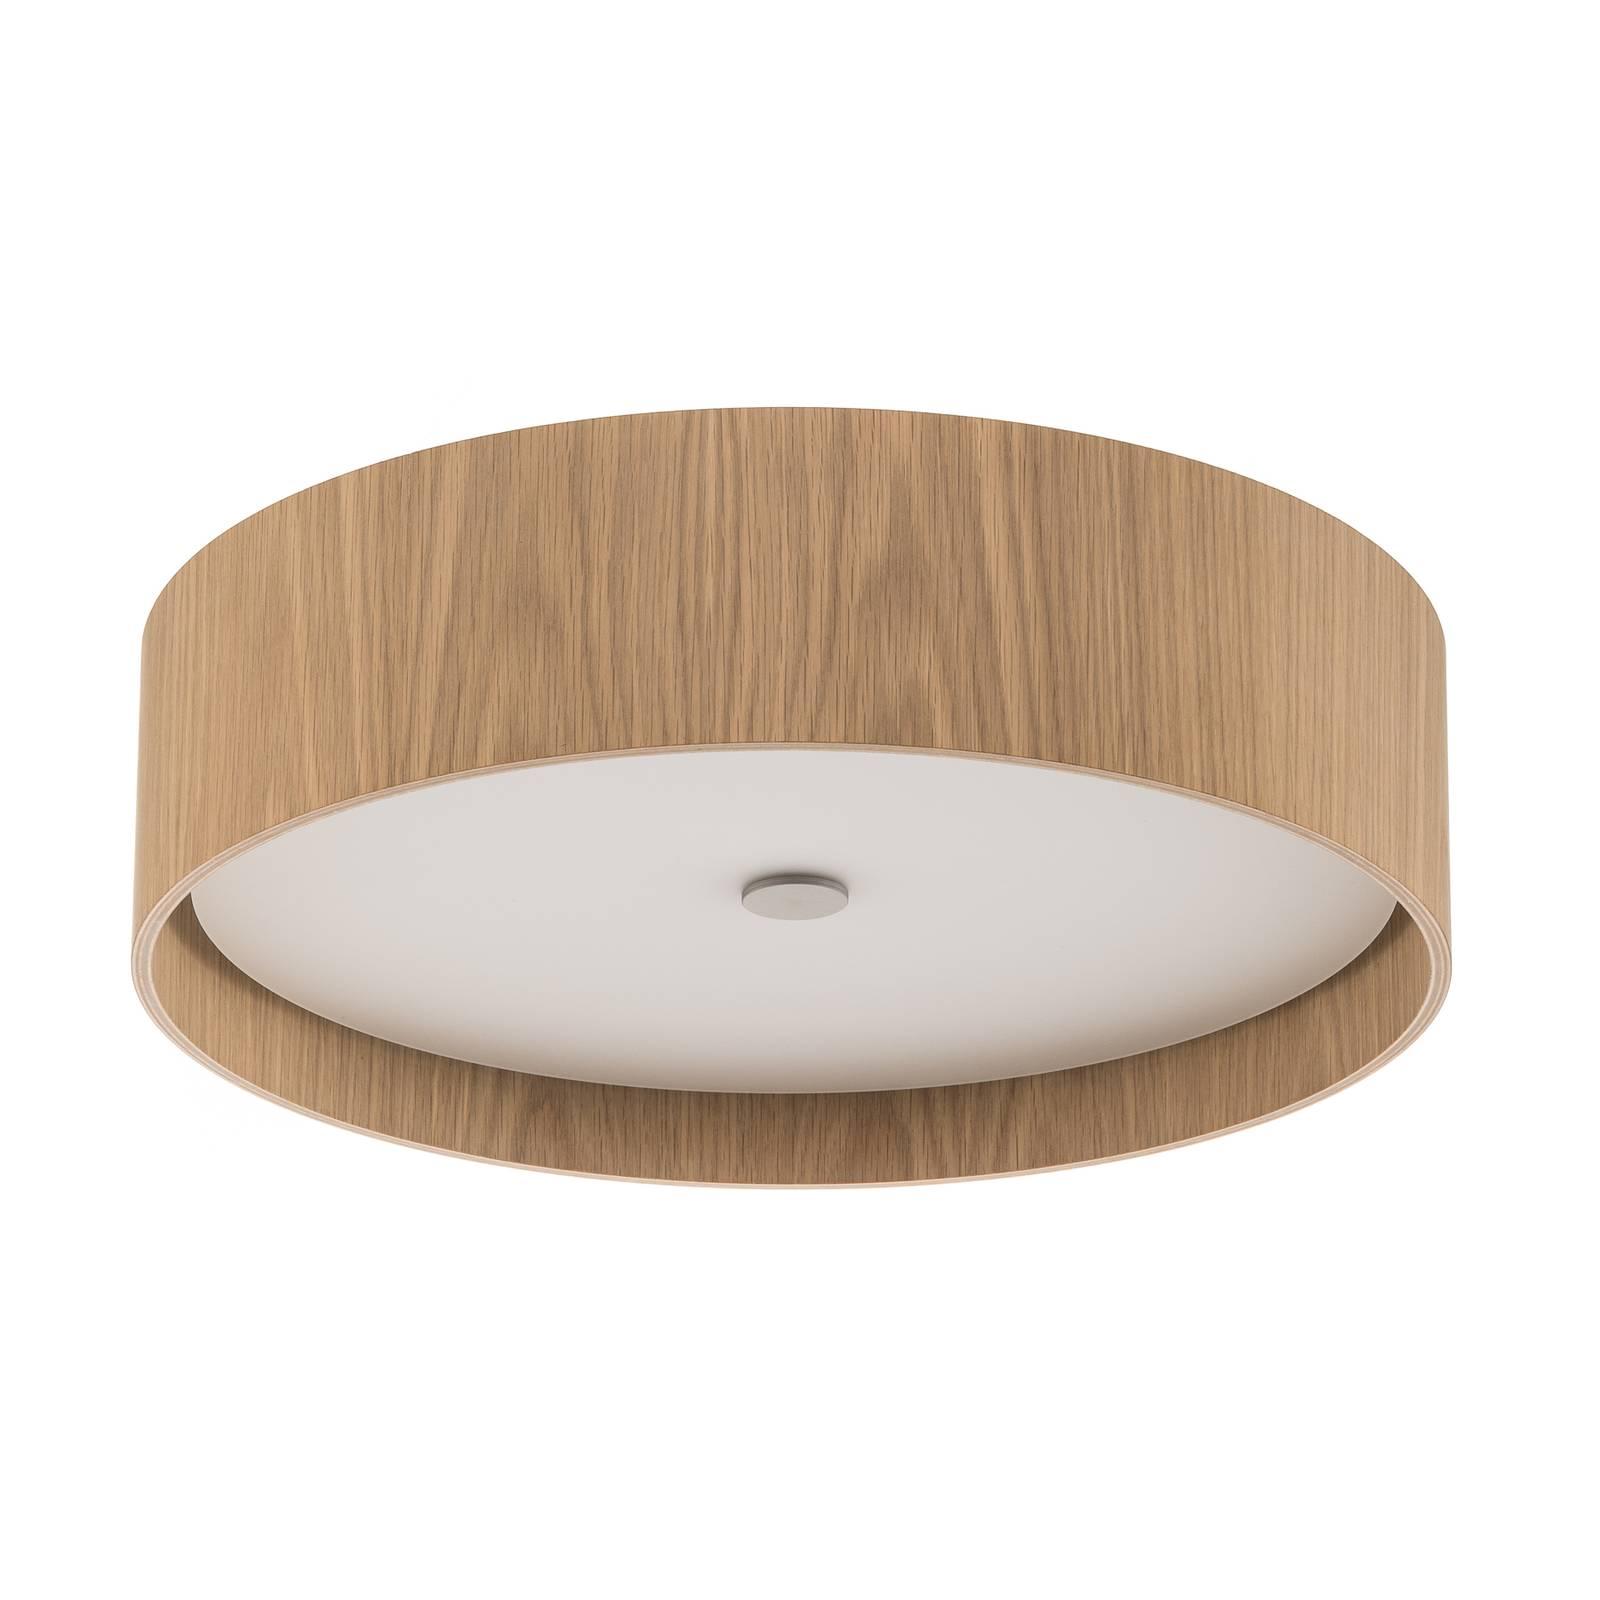 deckenlampen von domus und andere lampen f r wohnzimmer online kaufen bei m bel garten. Black Bedroom Furniture Sets. Home Design Ideas